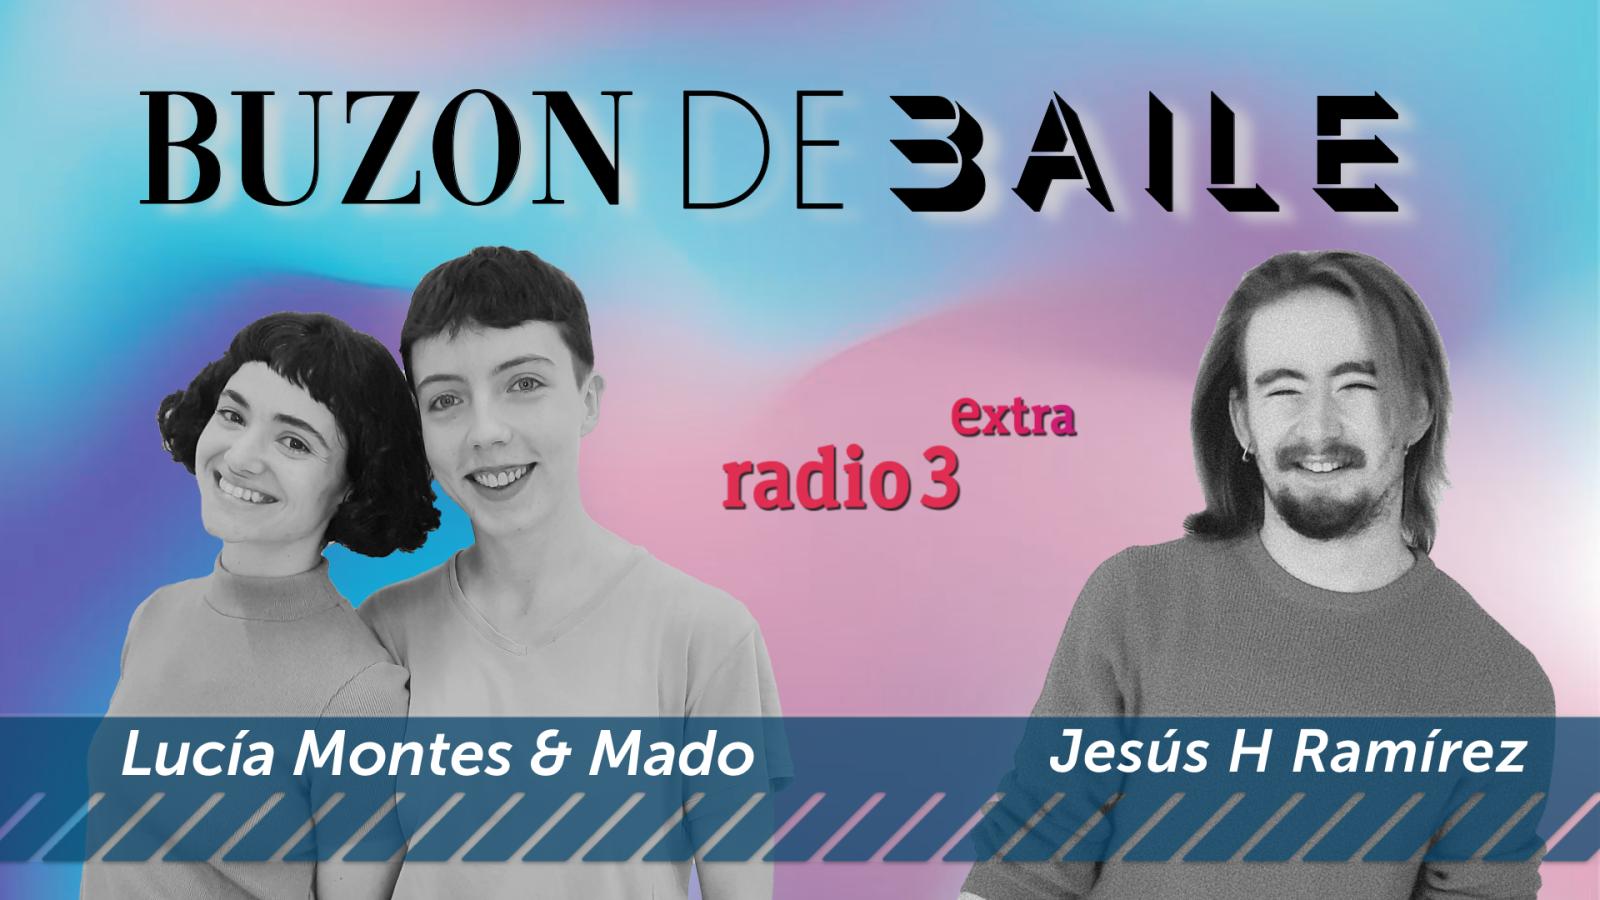 Buzón de Baile - ILUSIÓN - BENEVOLENCIA - Lucía Montes & Mado - Jesús H Ramírez - Escuchar ahora